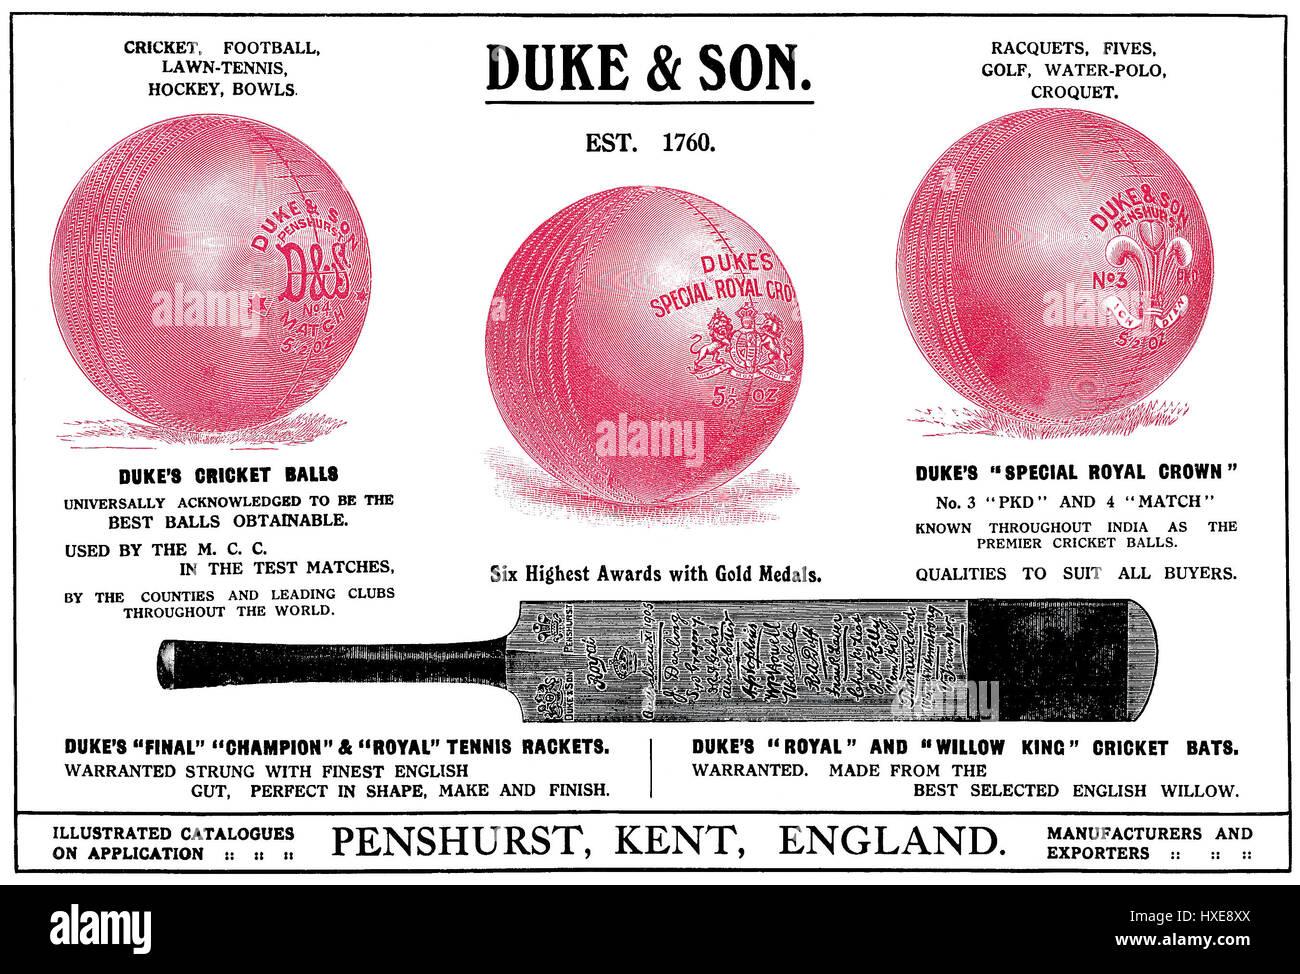 1922 Indian publicité pour Duc & Son équipement sportif. Publié dans le Times of India, 1922, Photo Stock